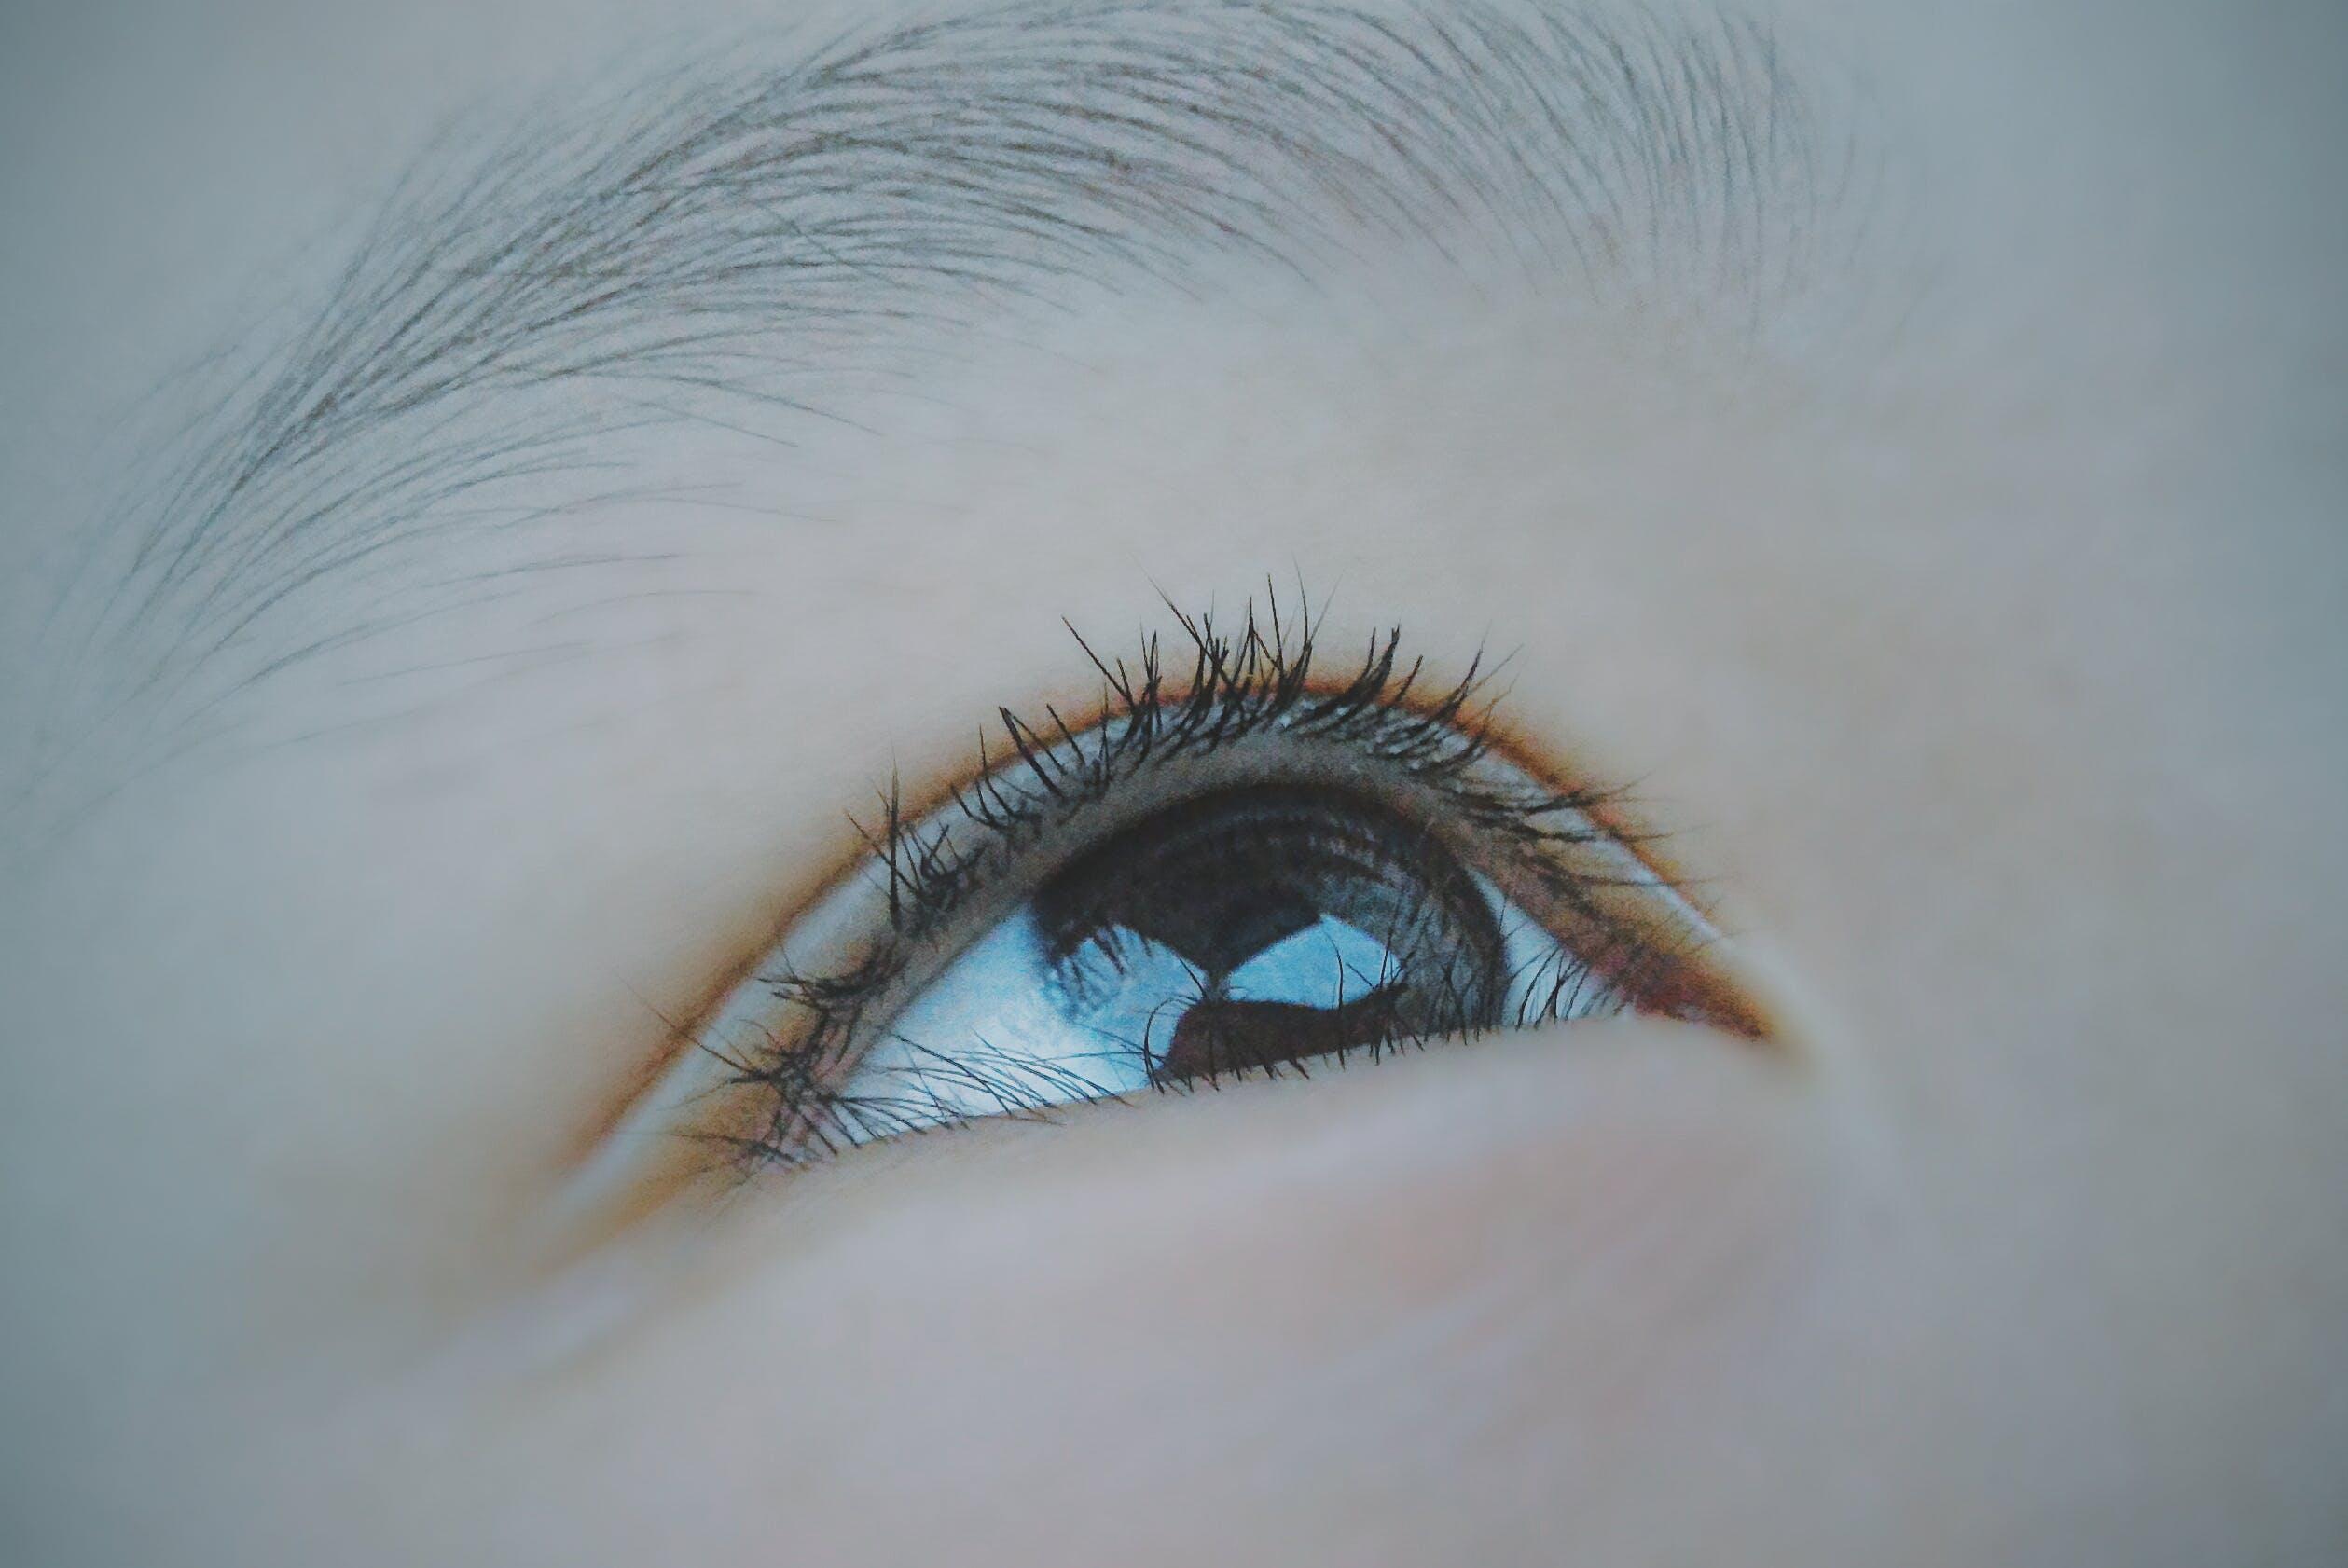 Gratis stockfoto met aantrekkelijk mooi, close-up, fotomodel, huid